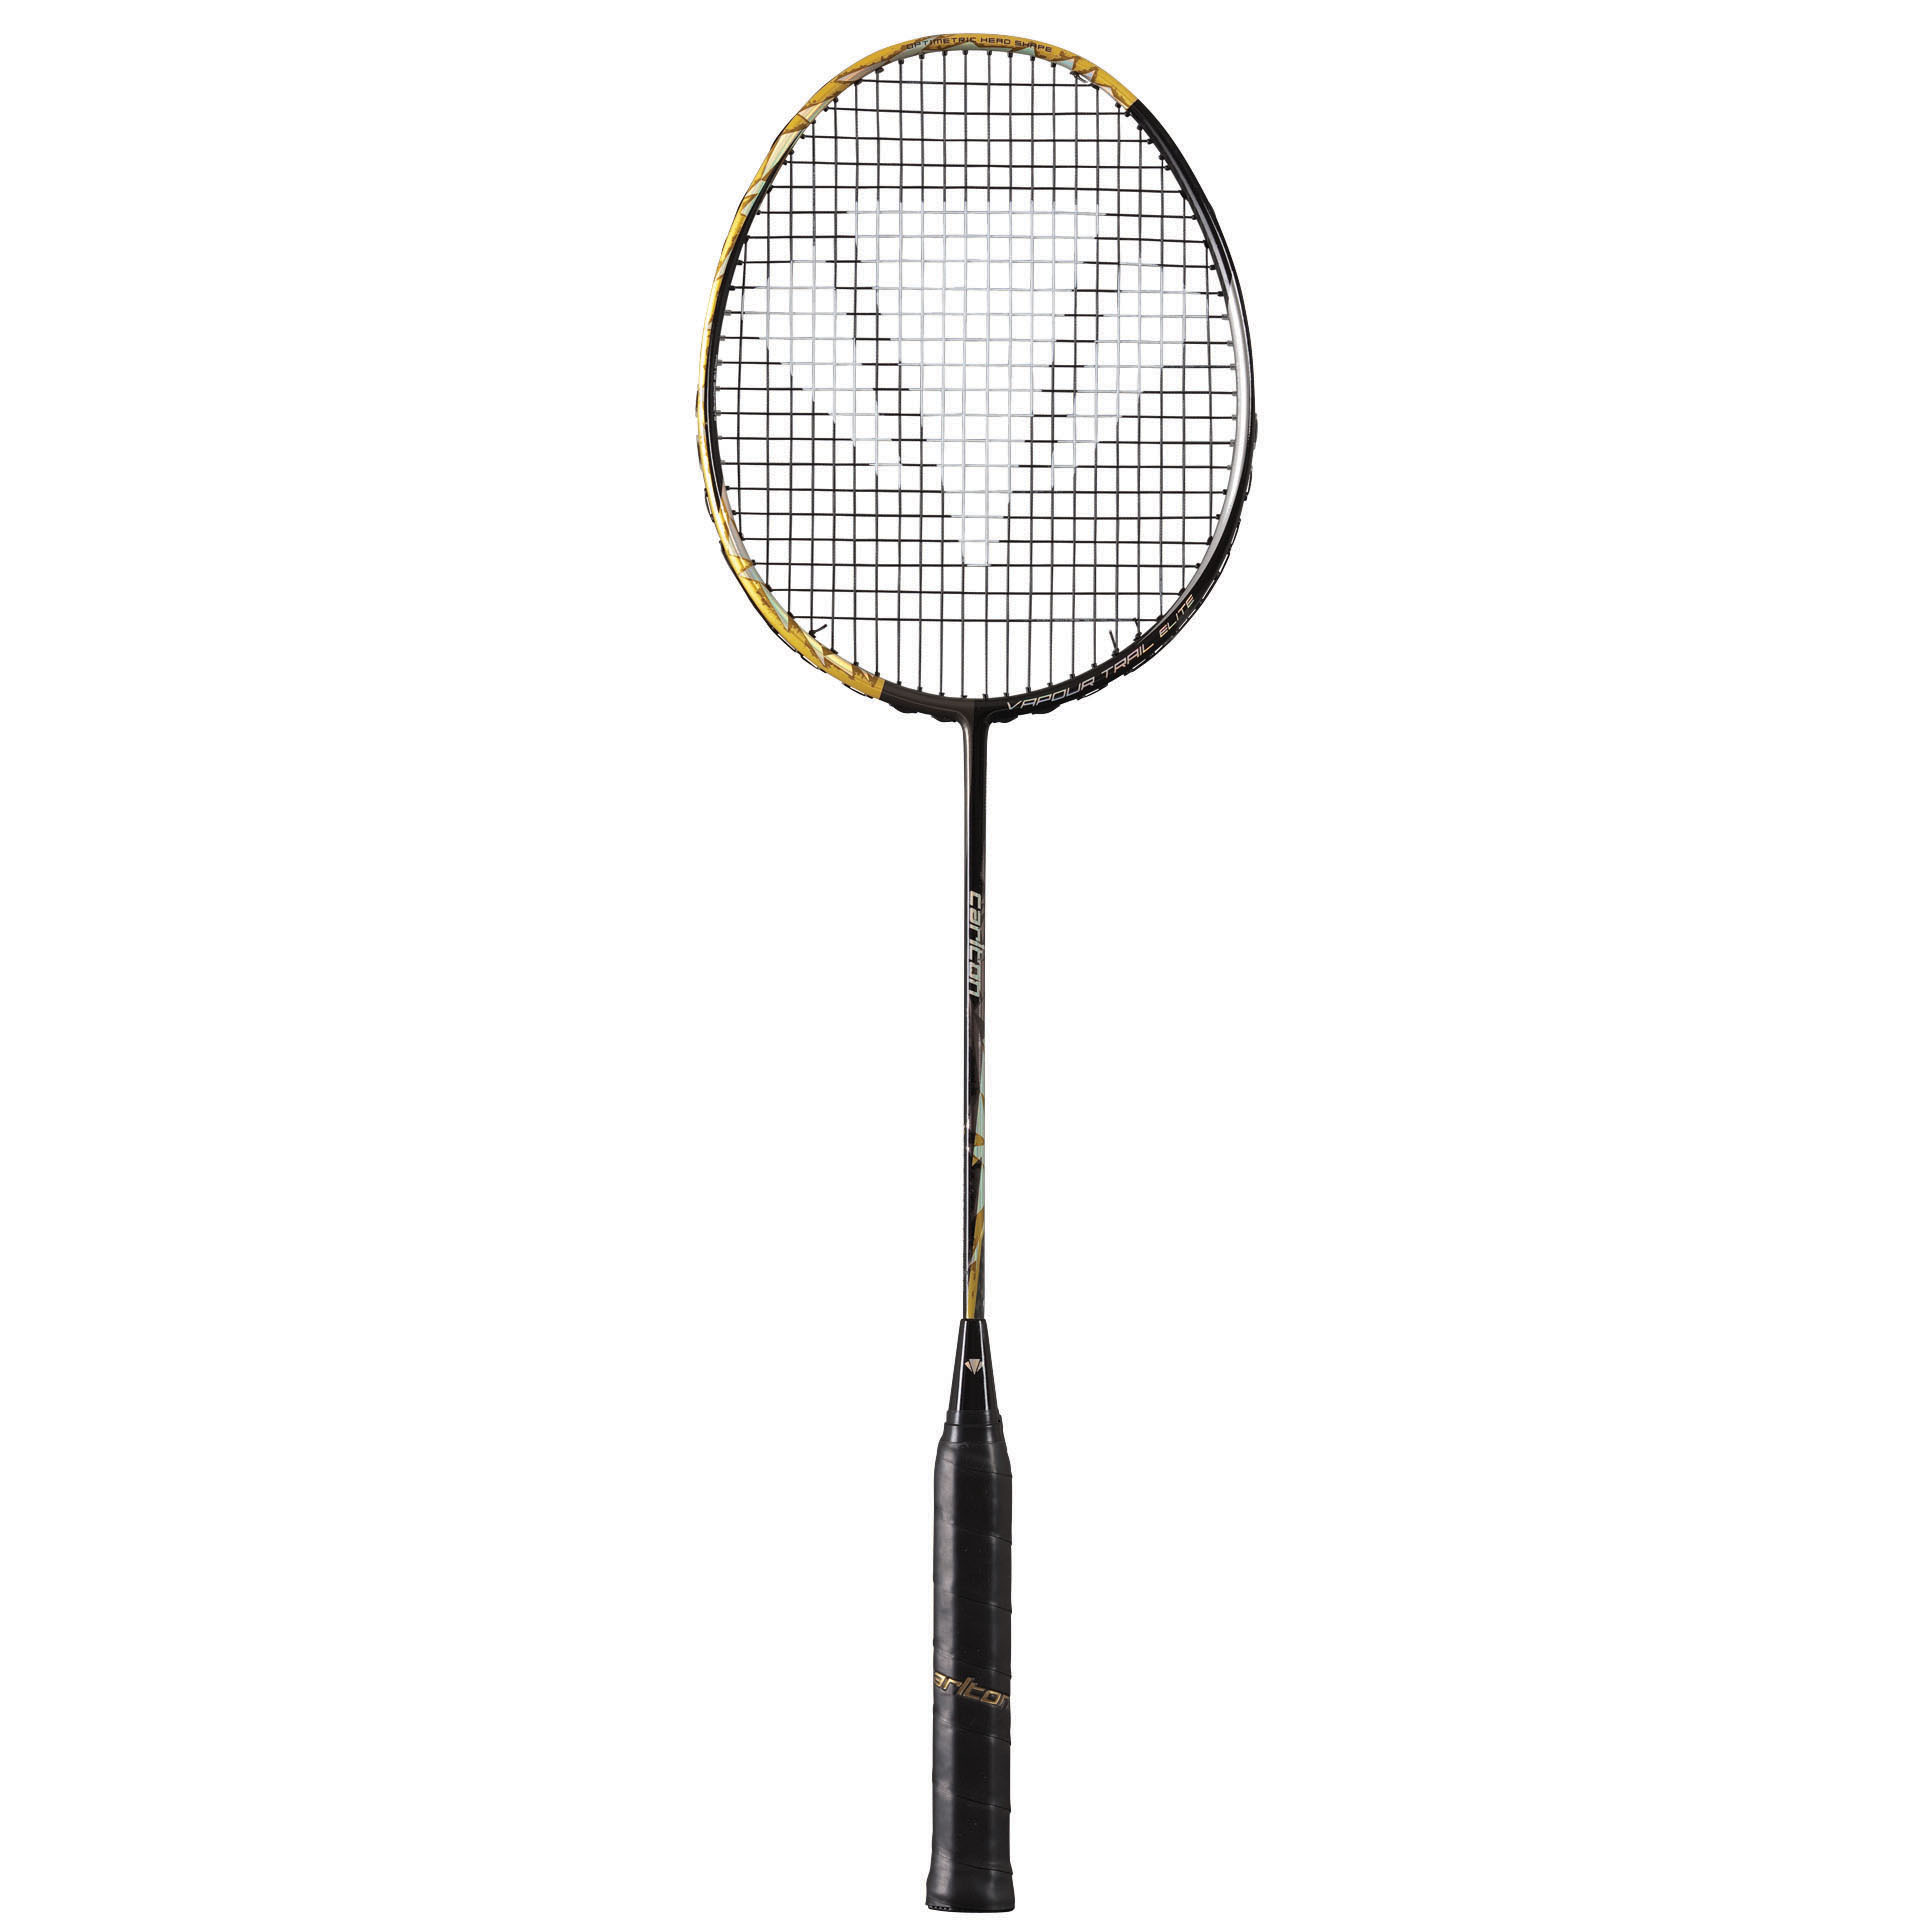 Best carlton badminton racket prices in Badminton online Badminton Online